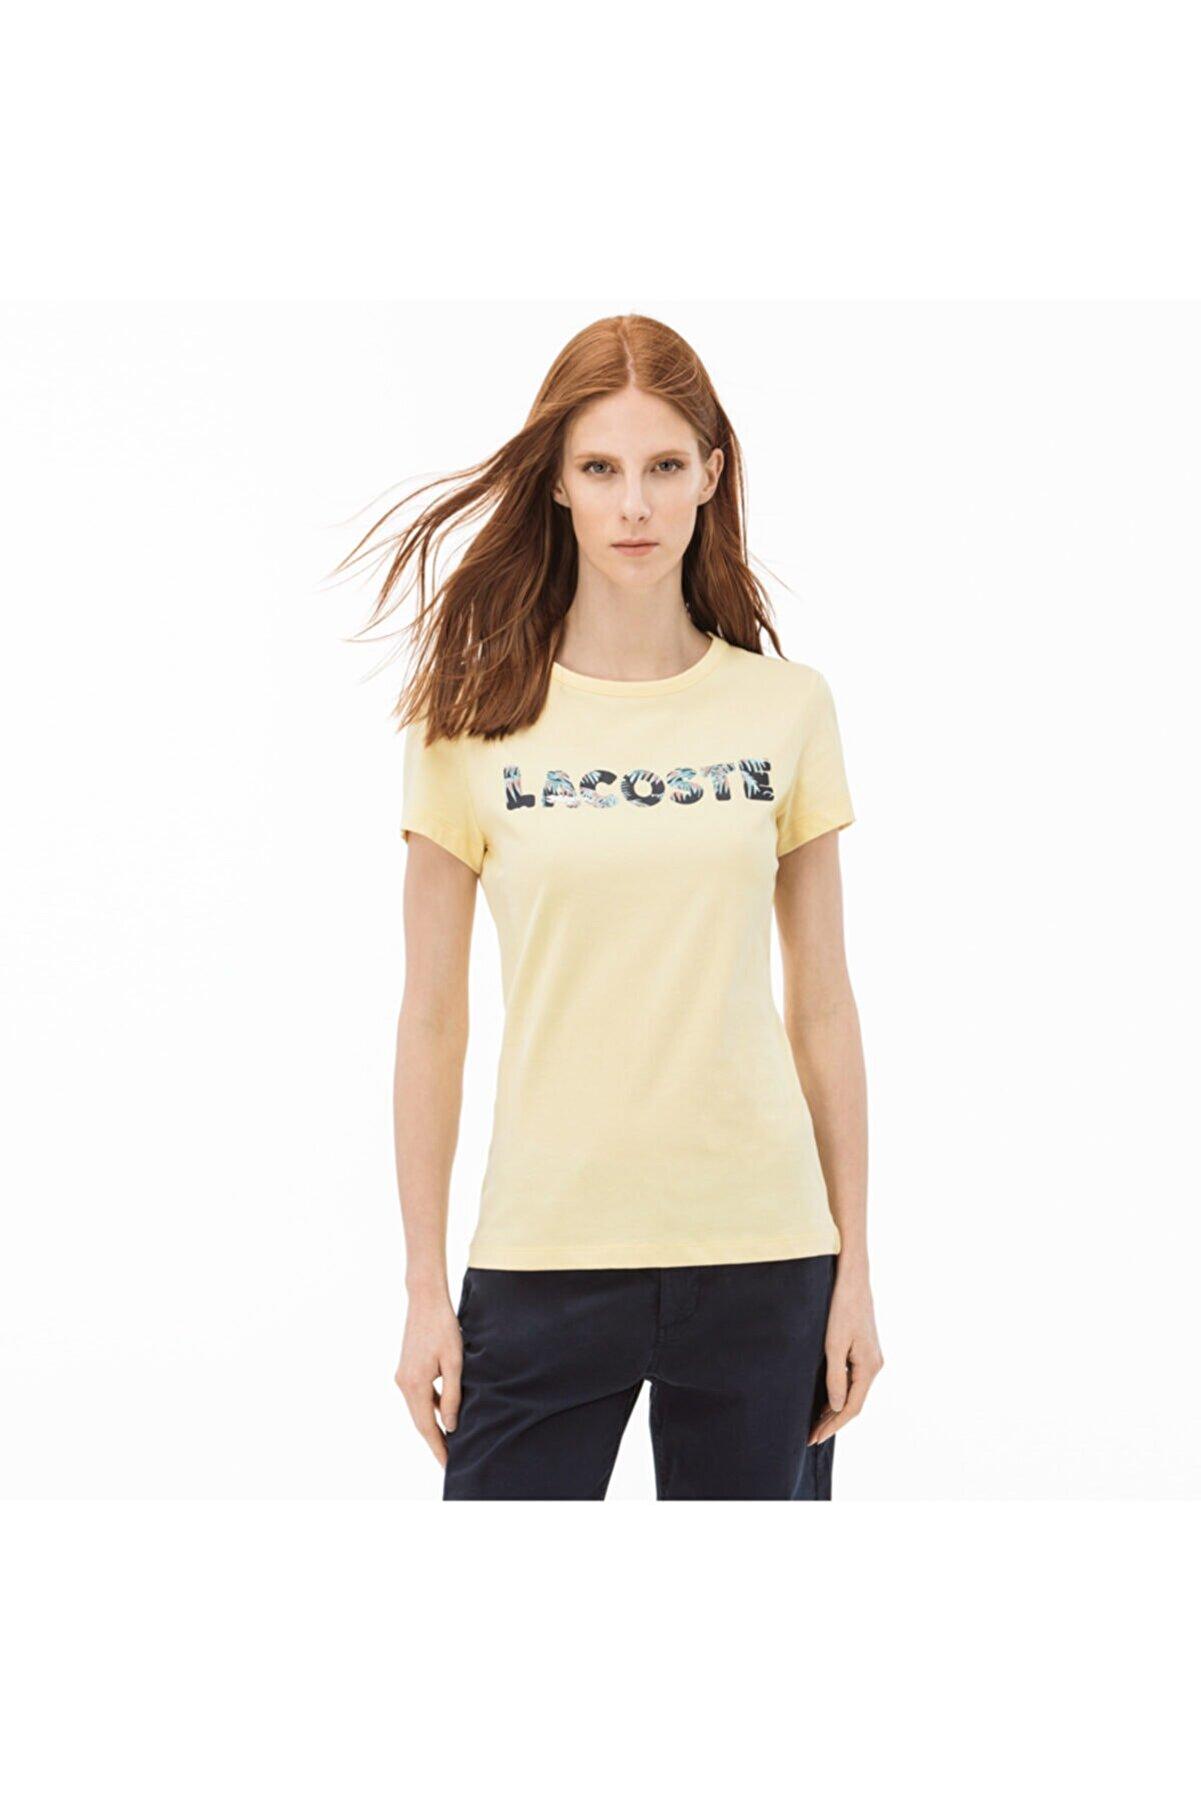 Lacoste Kadın Baskılı Sarı T-Shirt TF3924